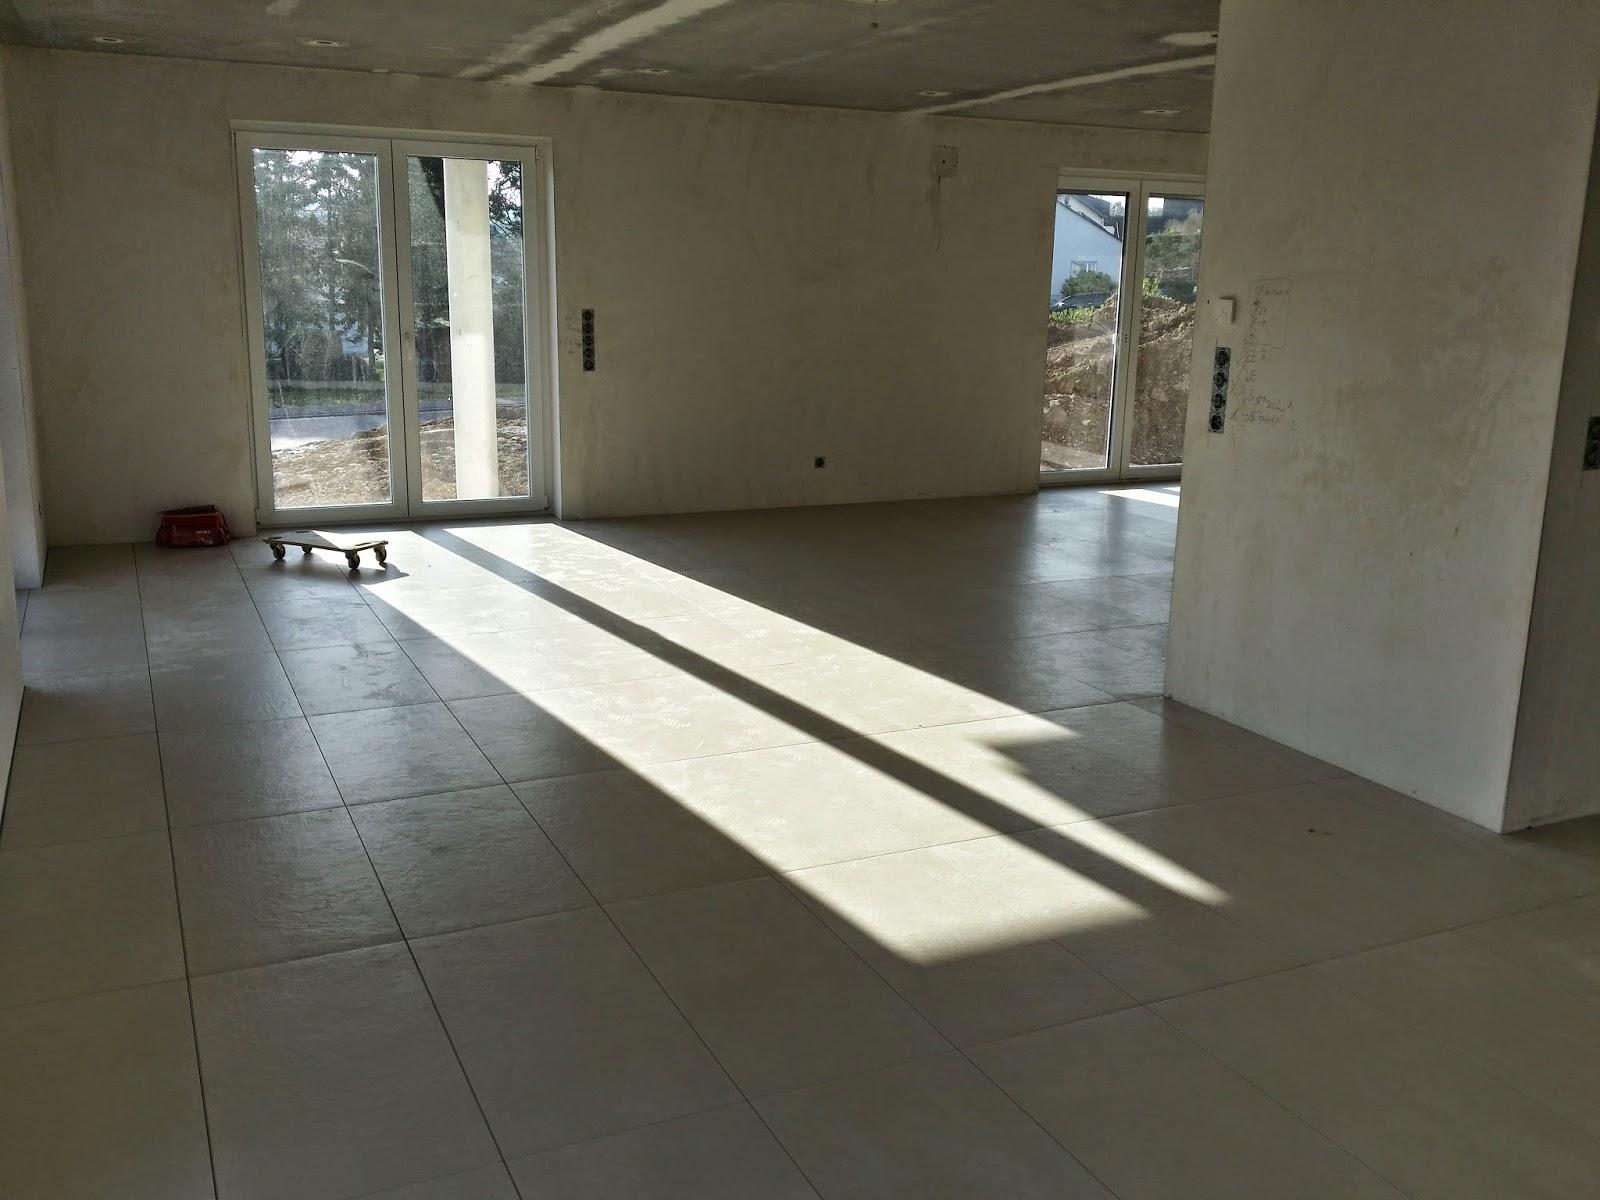 Baublog   Wir Bauen In Neesbach: Fliesen Küche, Wohn  Und Essbereich